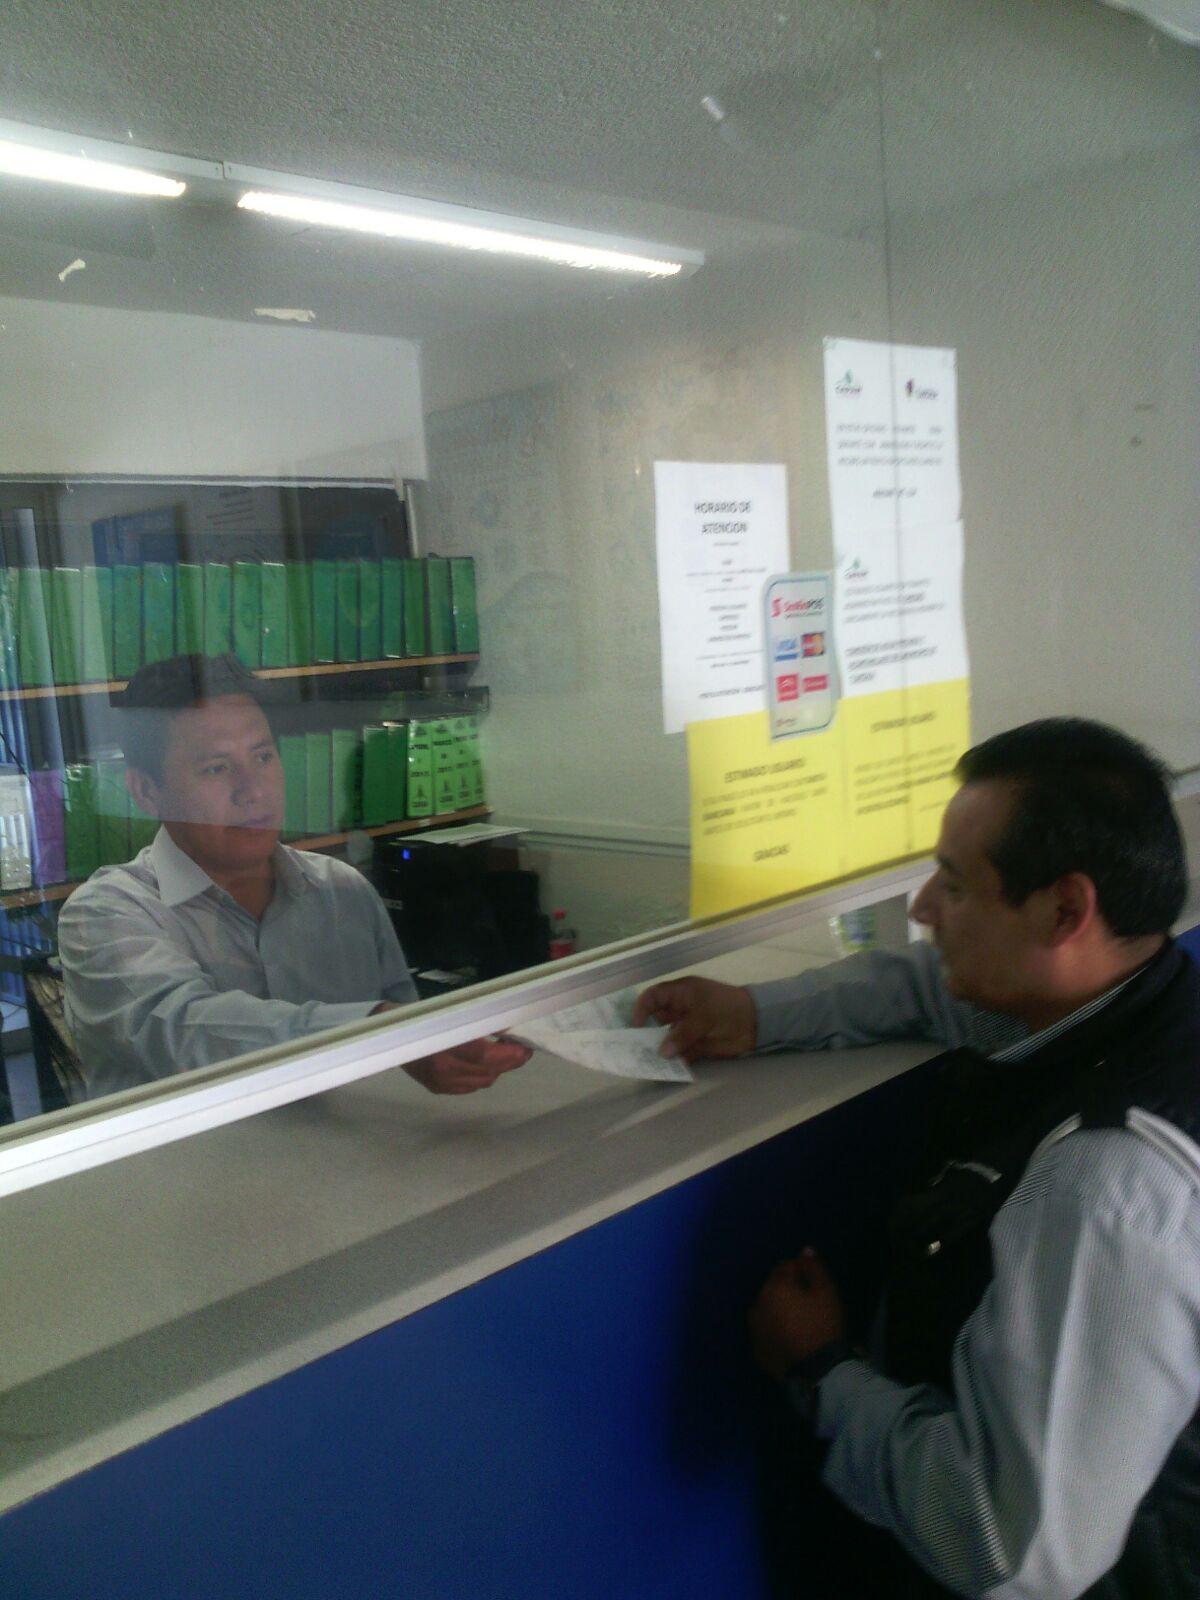 Extenderá la CAPAM horario de servicio en cajas